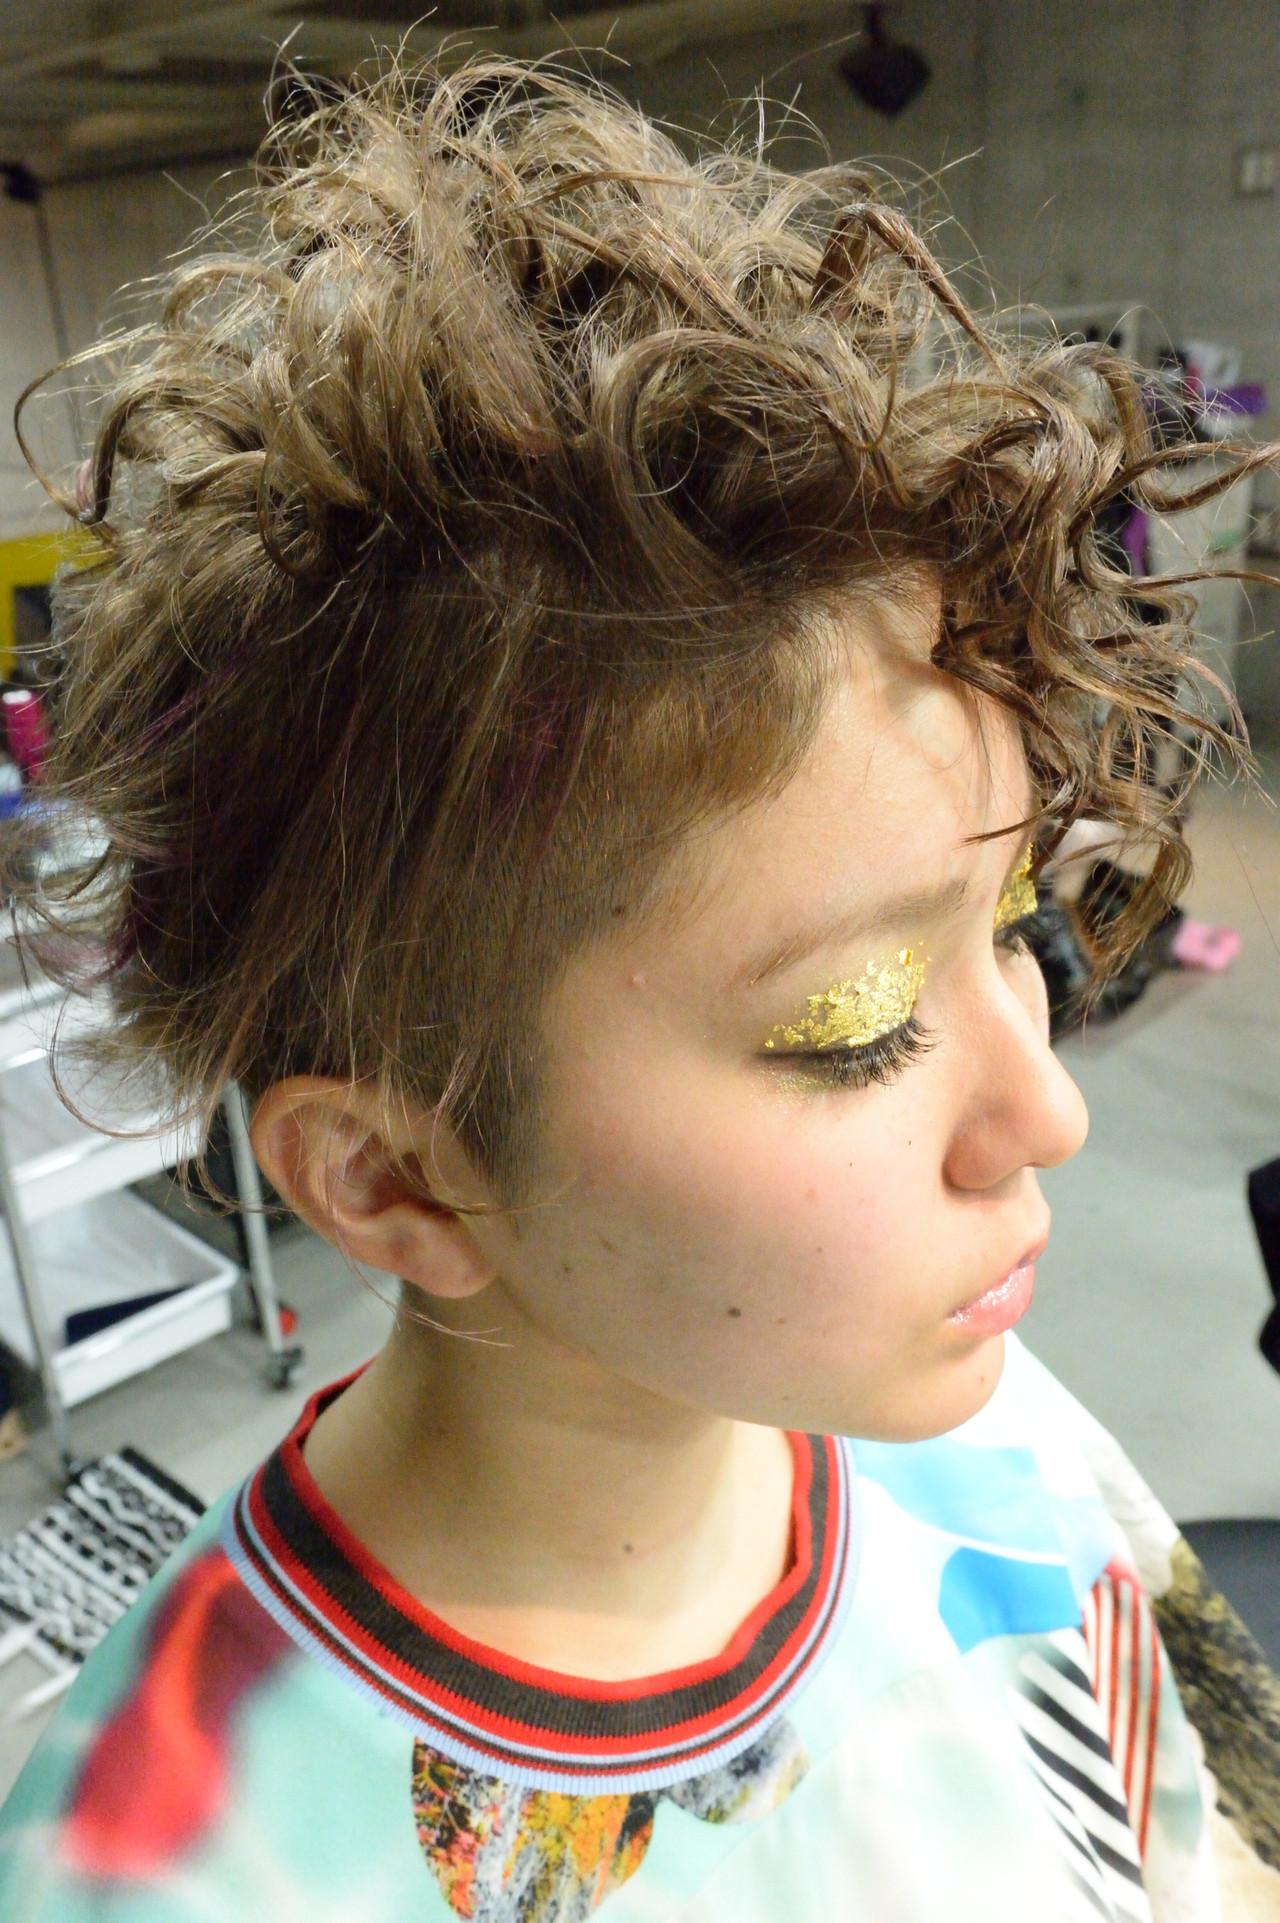 ツーブロック 外国人風 アッシュグレージュ アッシュ ヘアスタイルや髪型の写真・画像   常盤 大地 ウミトス / ウミトス表参道